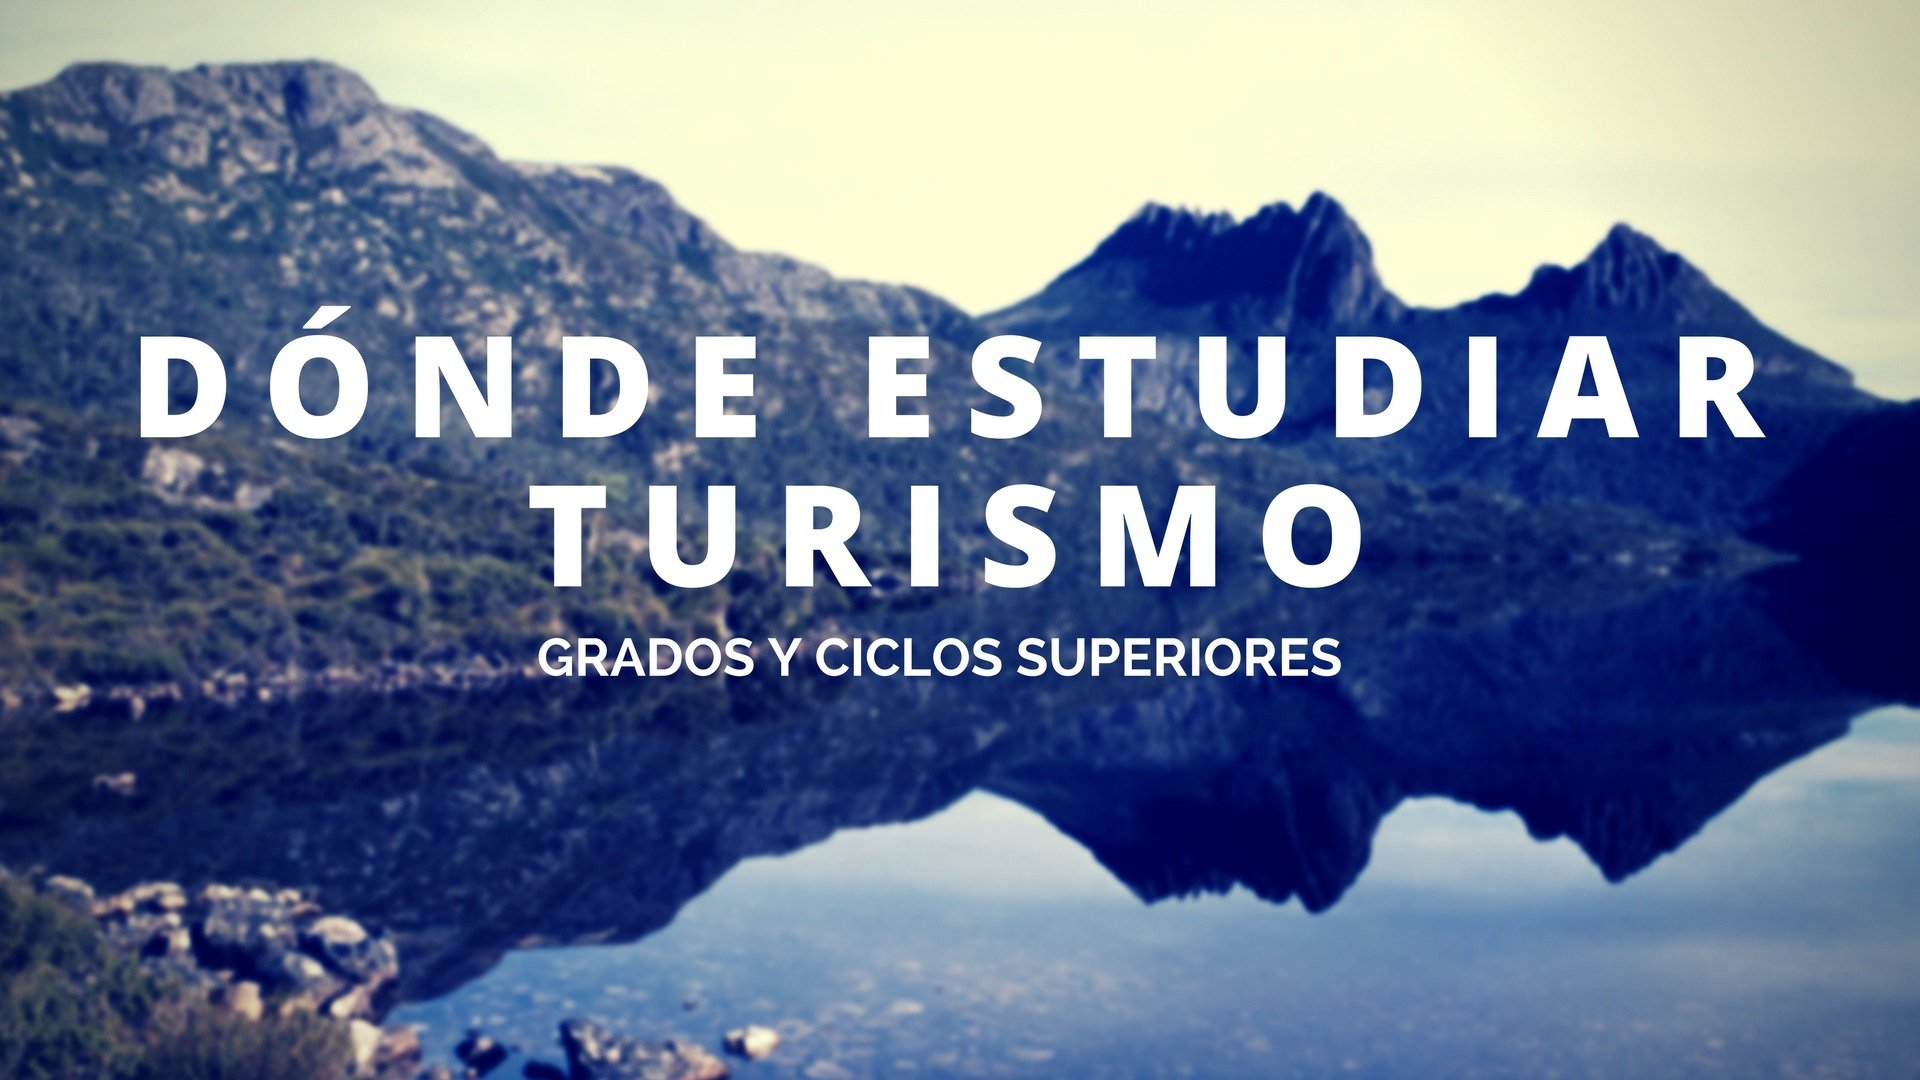 Dónde estudiar turismo (grado y ciclos superiores)